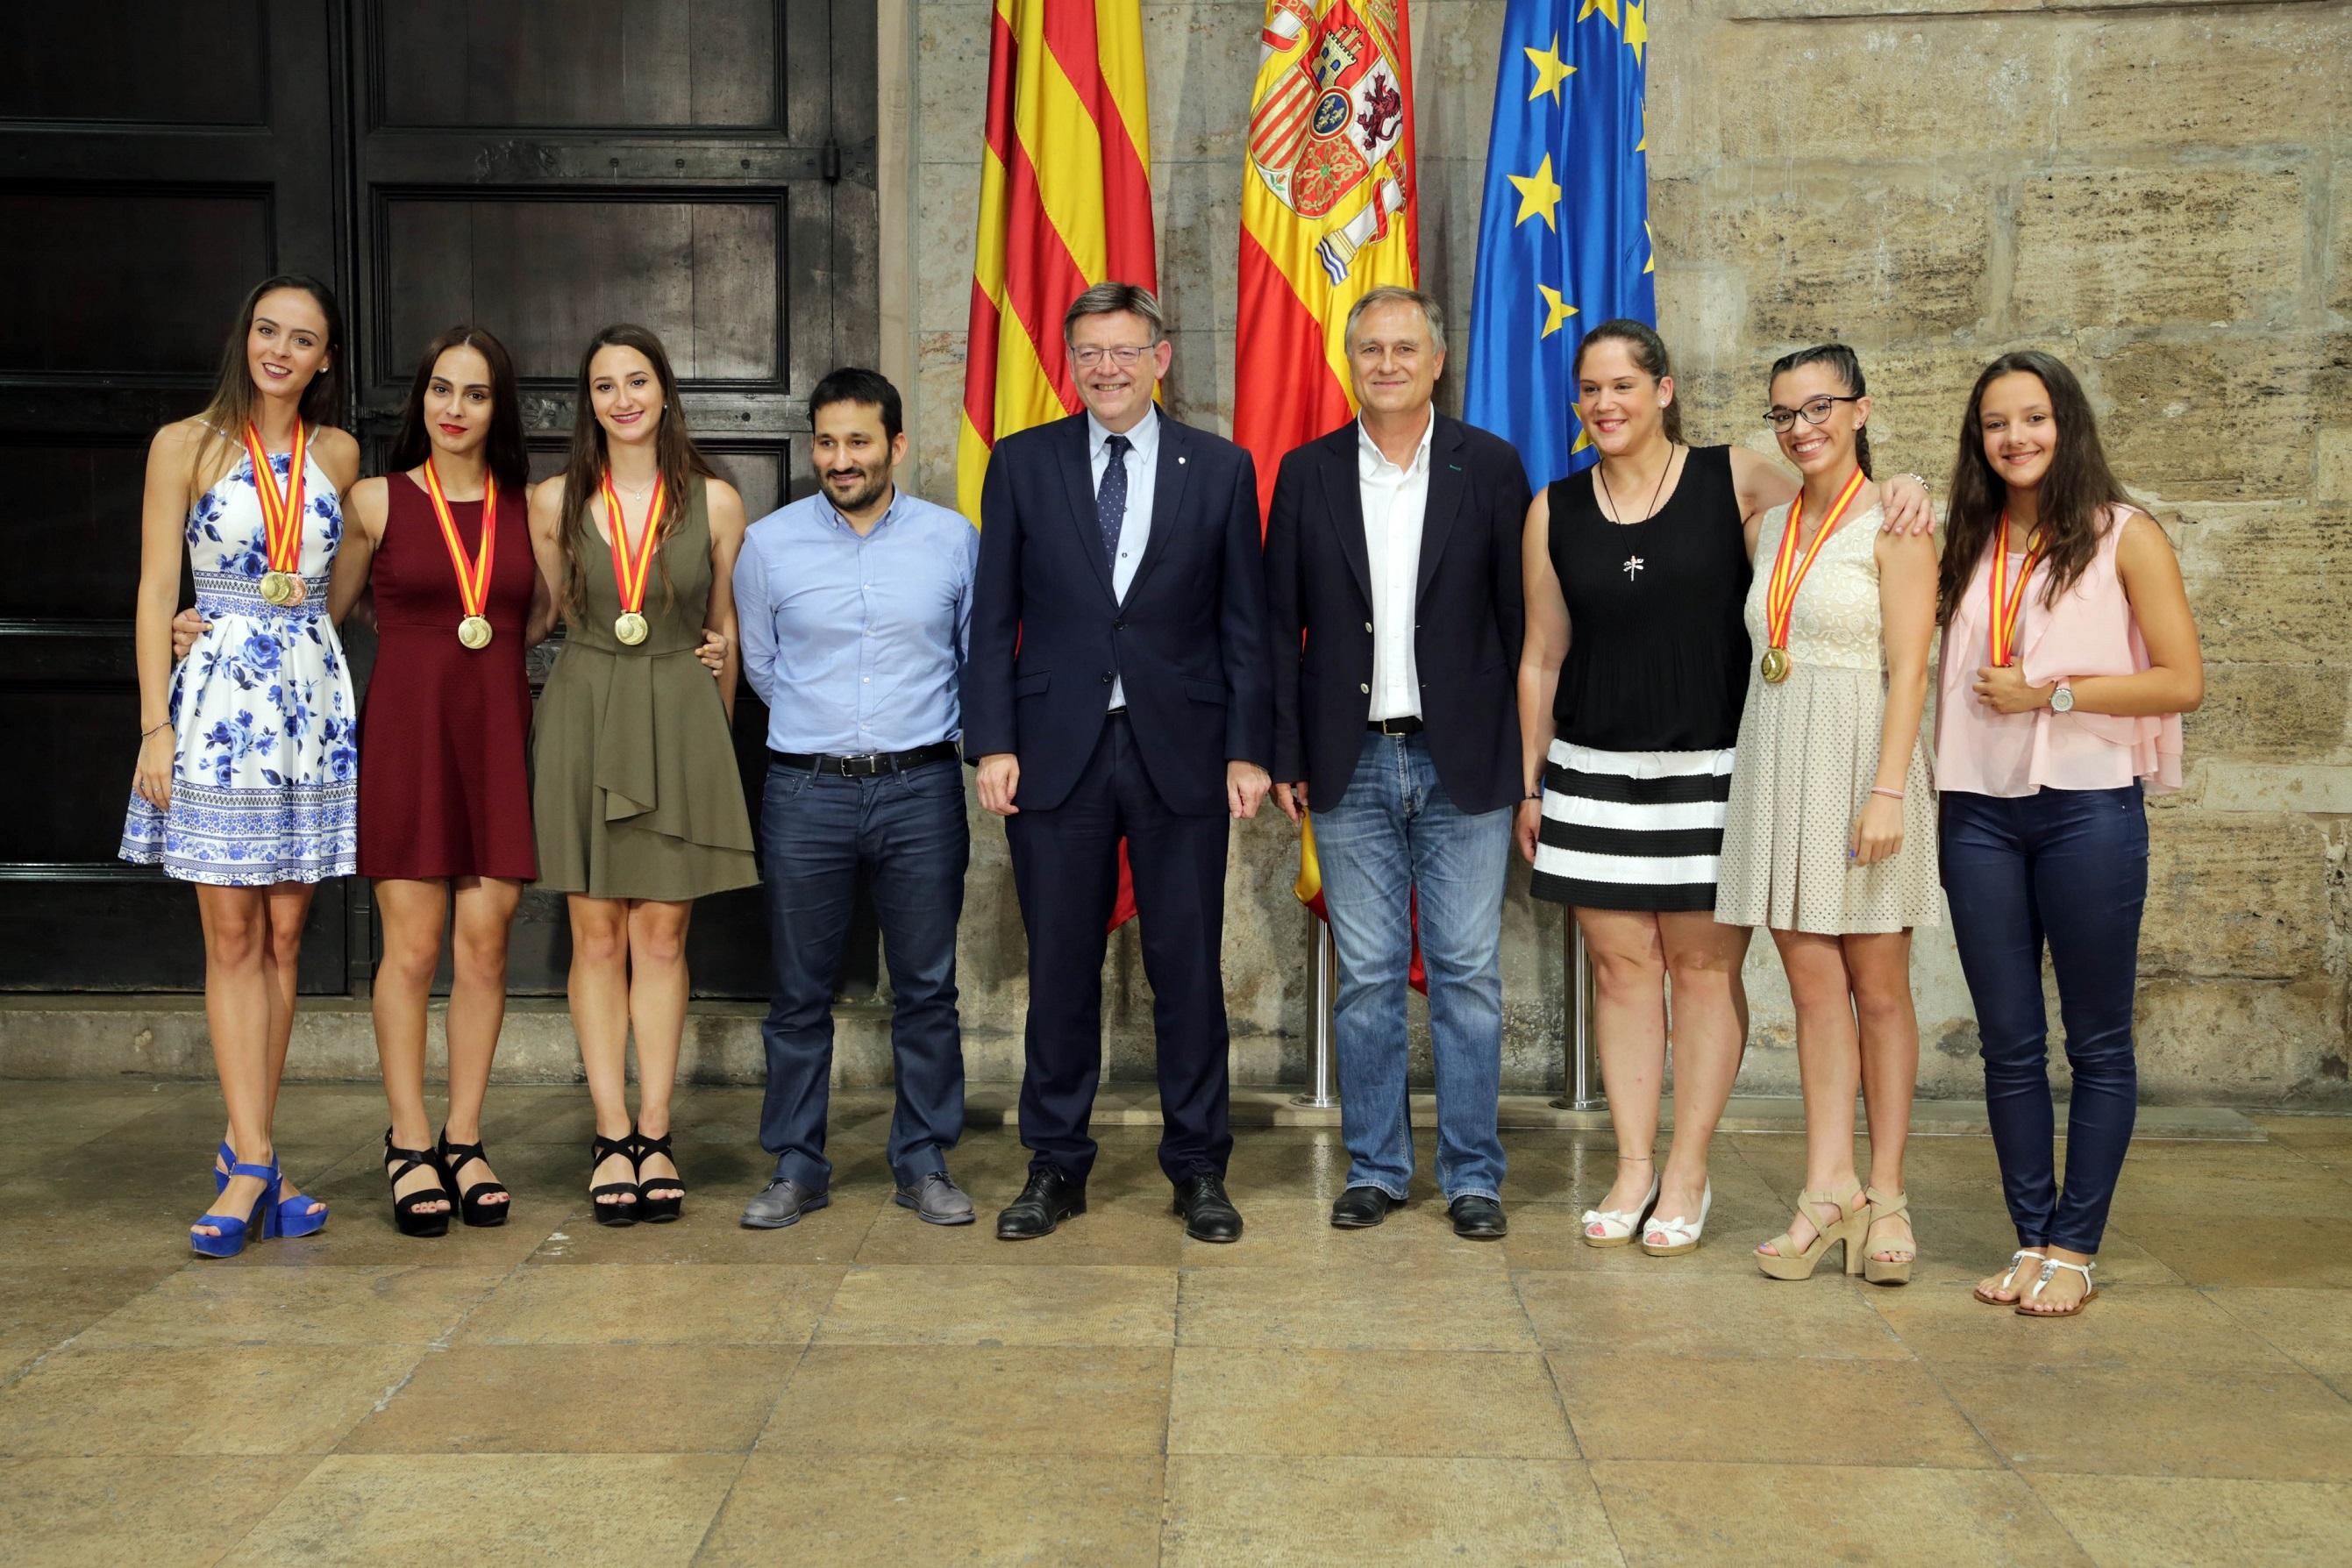 El President de la Generalitat, Ximo Puig, recibió a las gimnastas acompañadas del alcalde de Llíria, Manuel Civera.